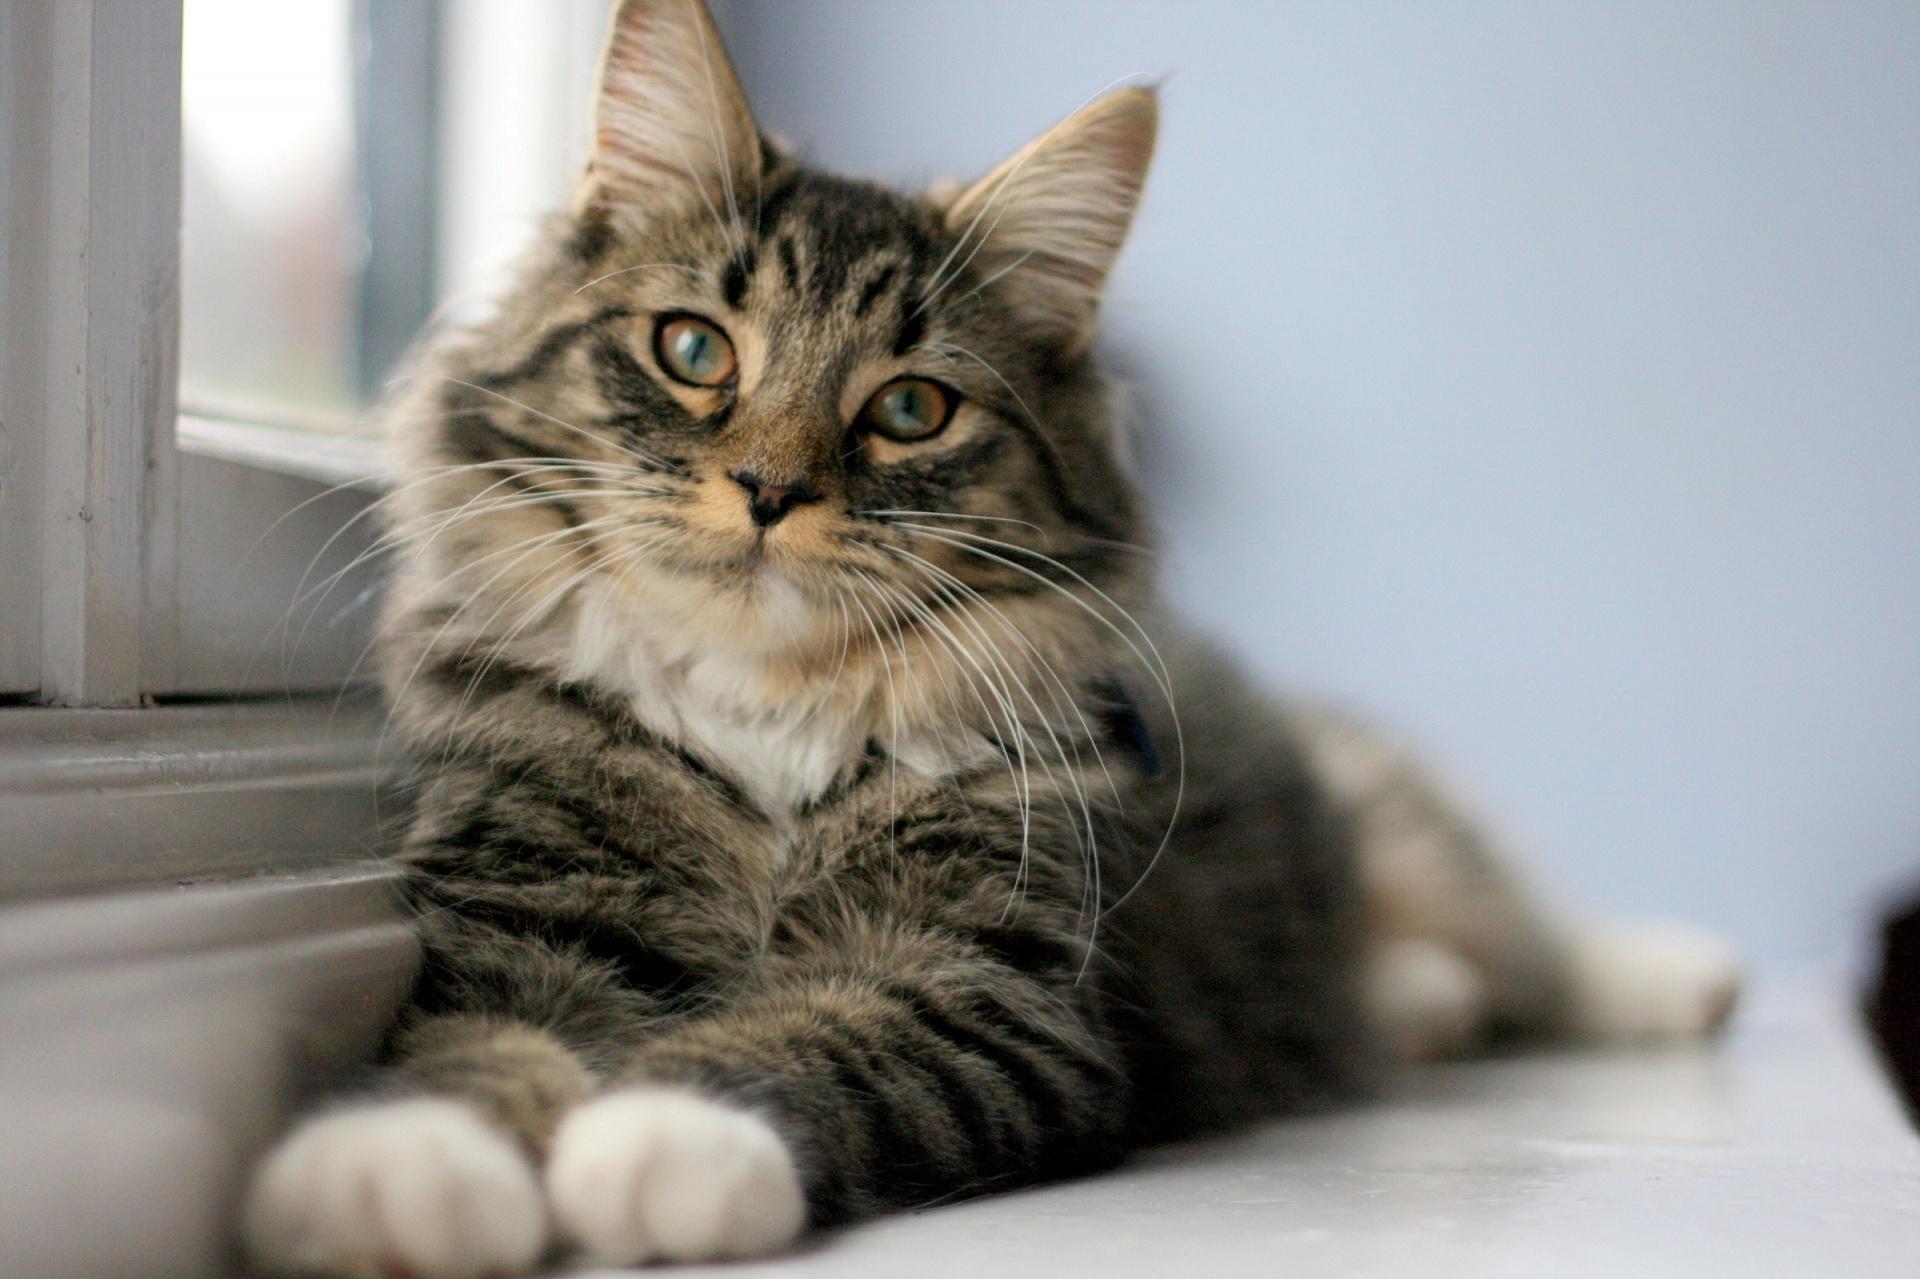 širdies sveikatai galvok katė vaistai nuo hipertenzijos su raide l